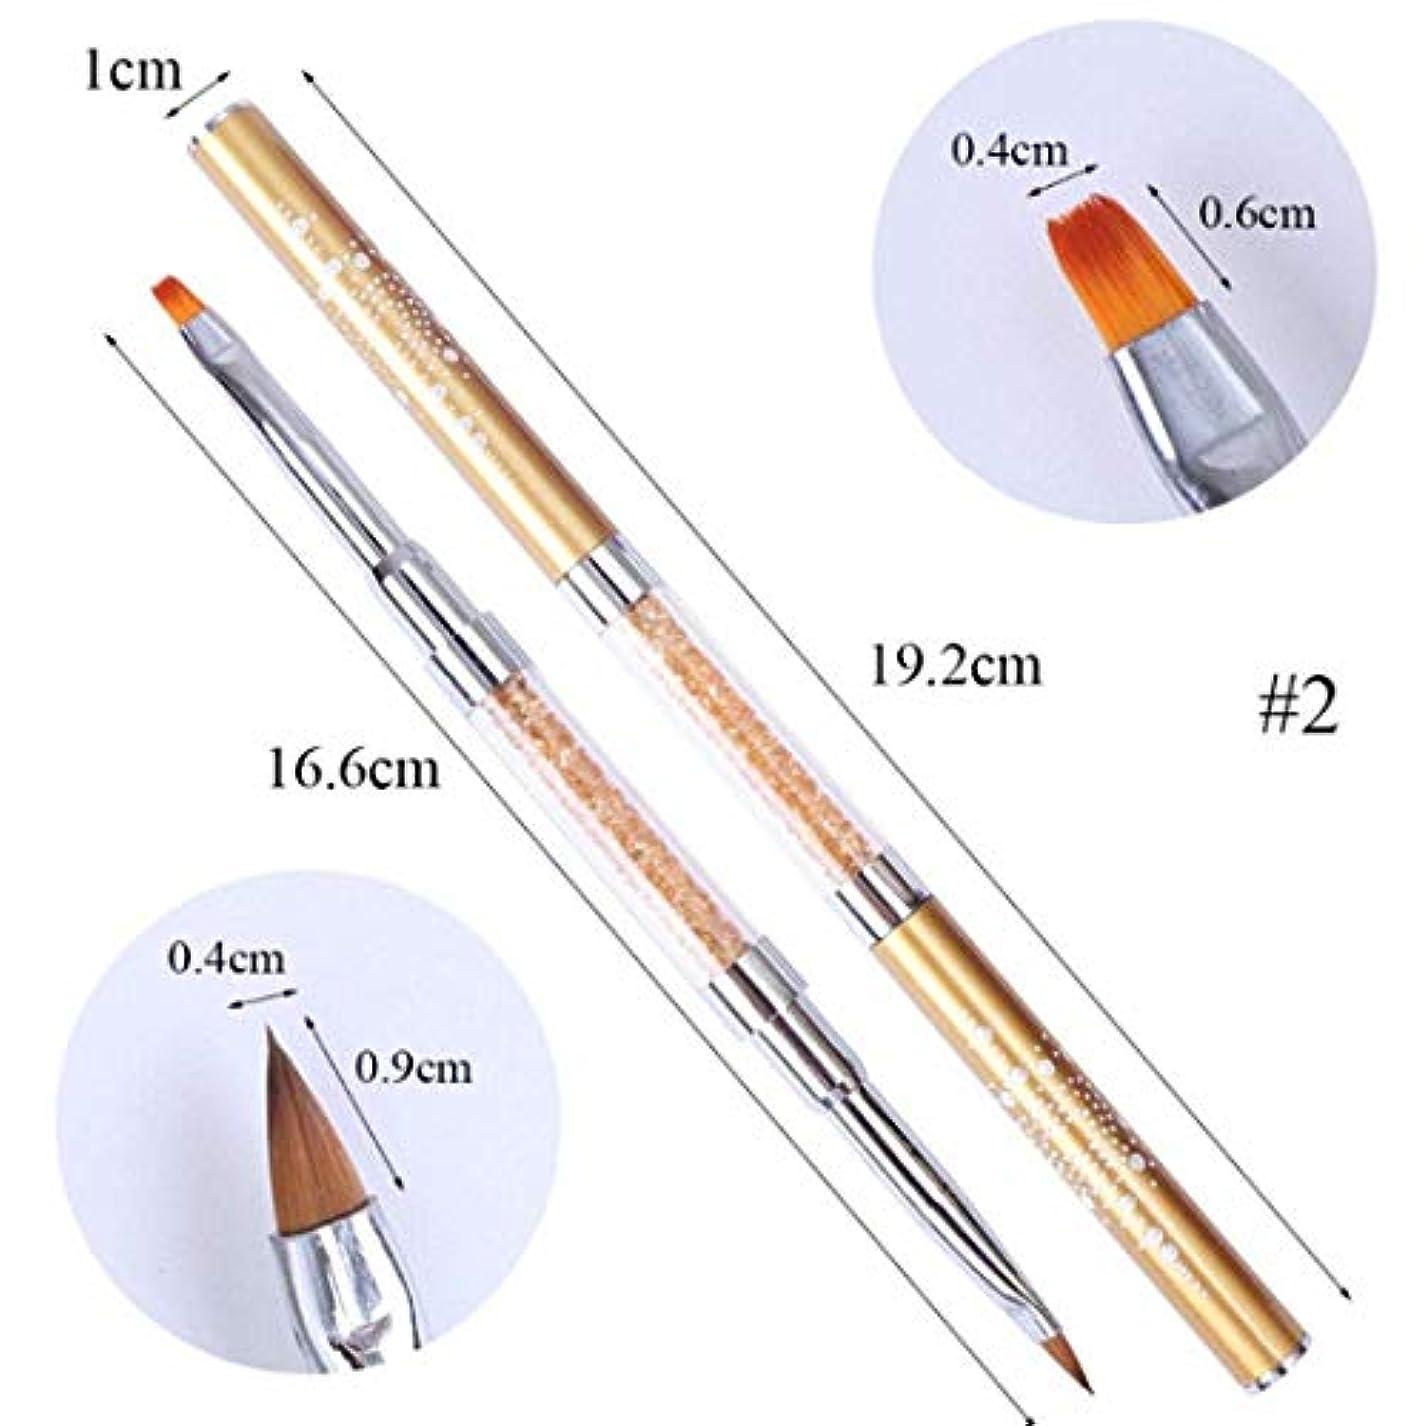 増幅する特性精査するOnior 女性のネイルペン、女性ジェルネイルアートブラシセット絵画成形ペンモデリングネイルブラシセットa耐久性と実用的